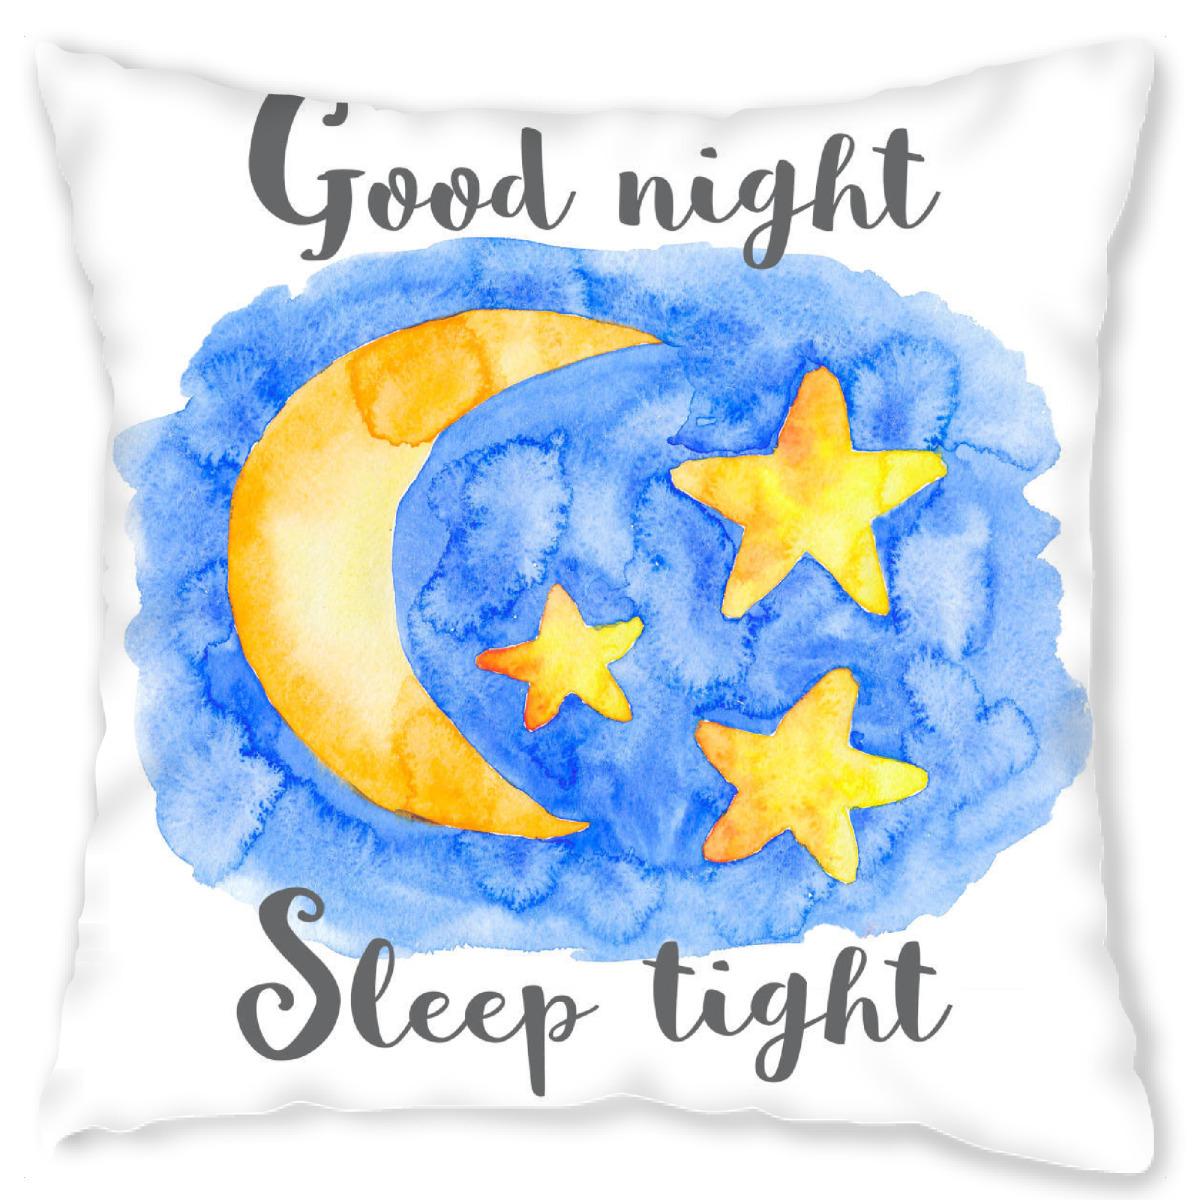 Good Night Sleep Tight (40x40 cm)